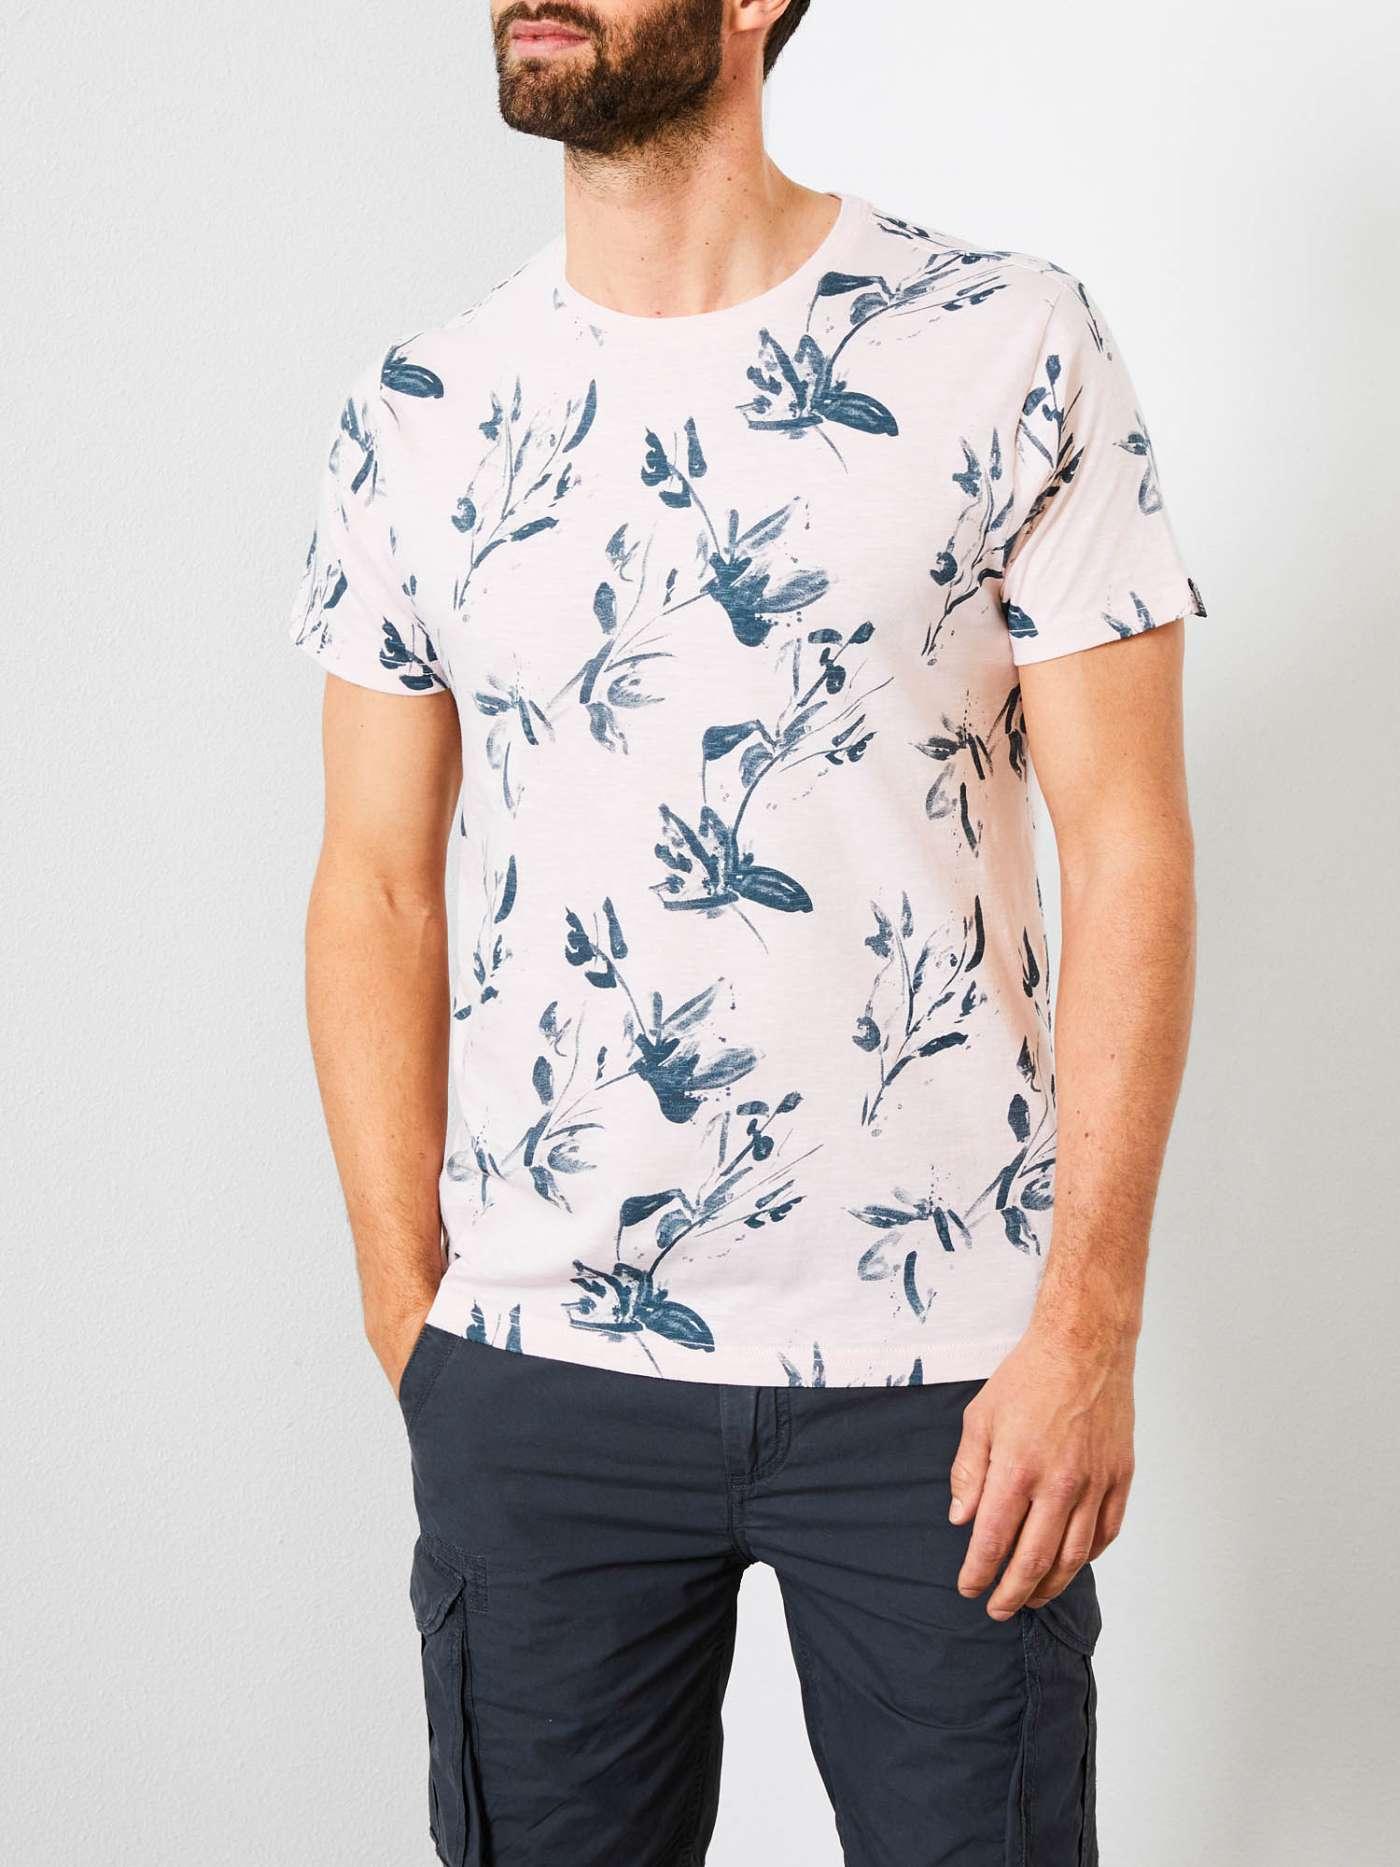 T-shirt ανδρικό fullprint με στρογγυλή λαιμόκοψη Petrol Industries (M-1000-TSR628-8001-CHALK-PINK)